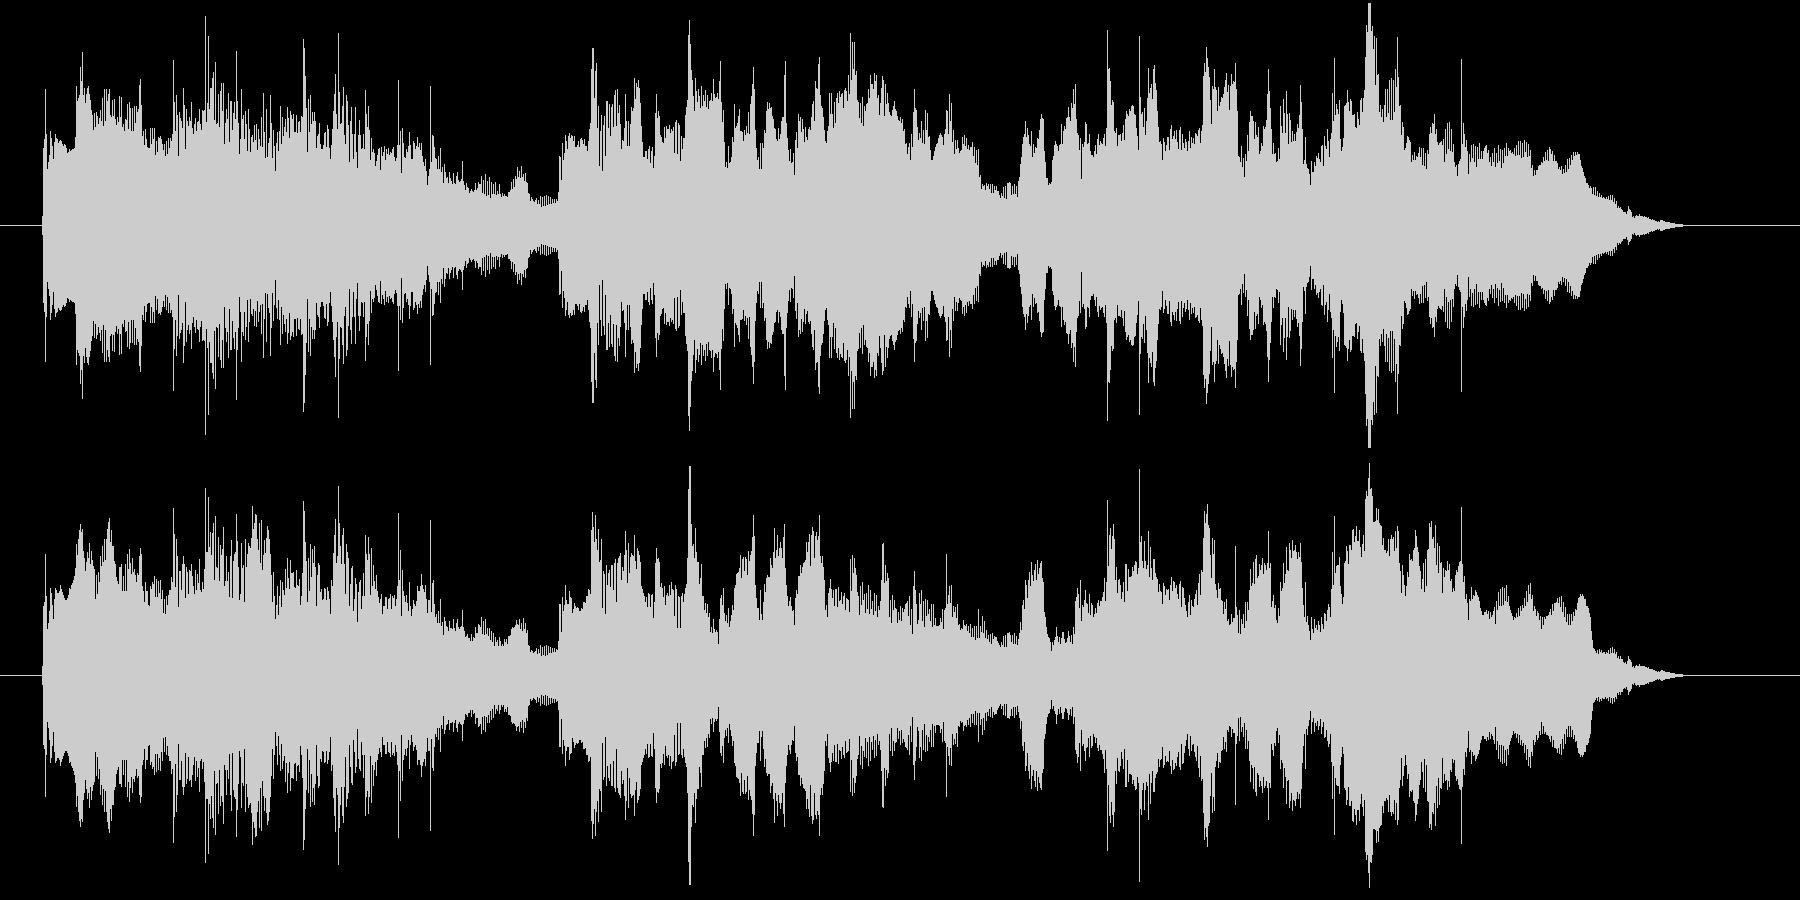 フルートが優しいCM向けBGMの未再生の波形